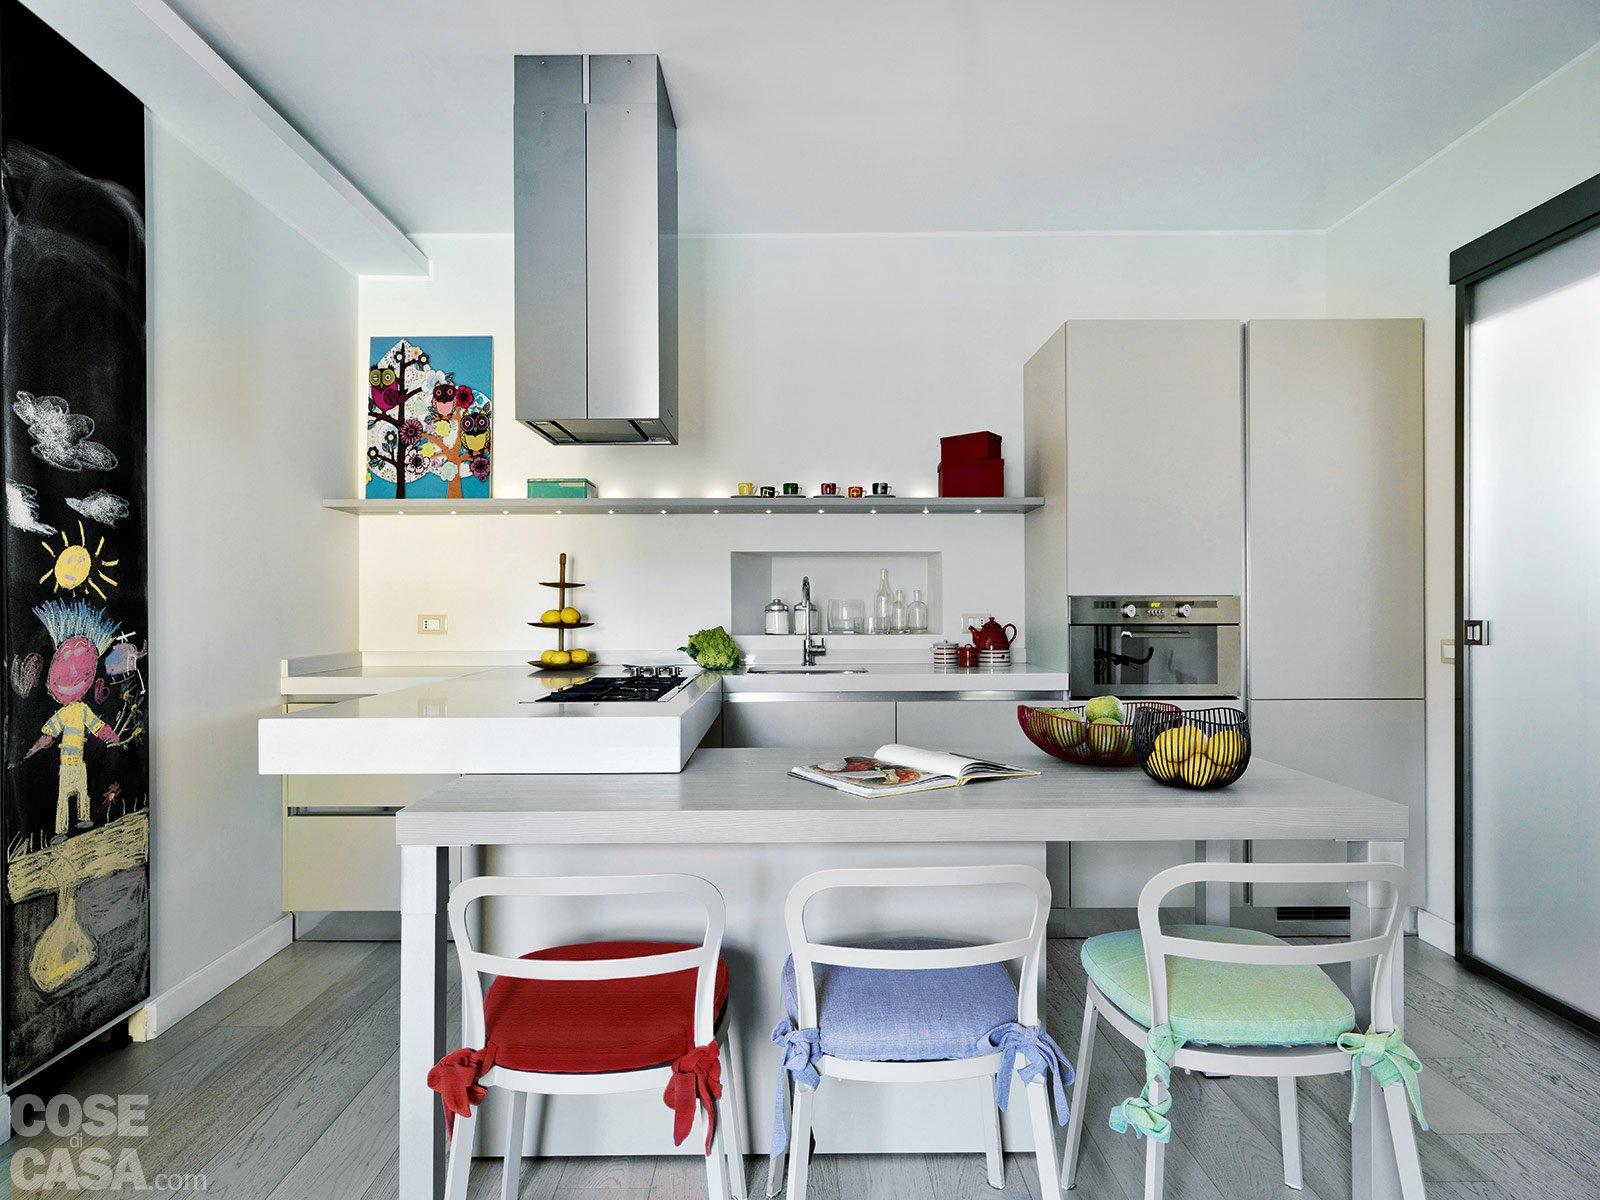 50 mq obiettivo massimo comfort cose di casa - Casa 50 mq ikea ...